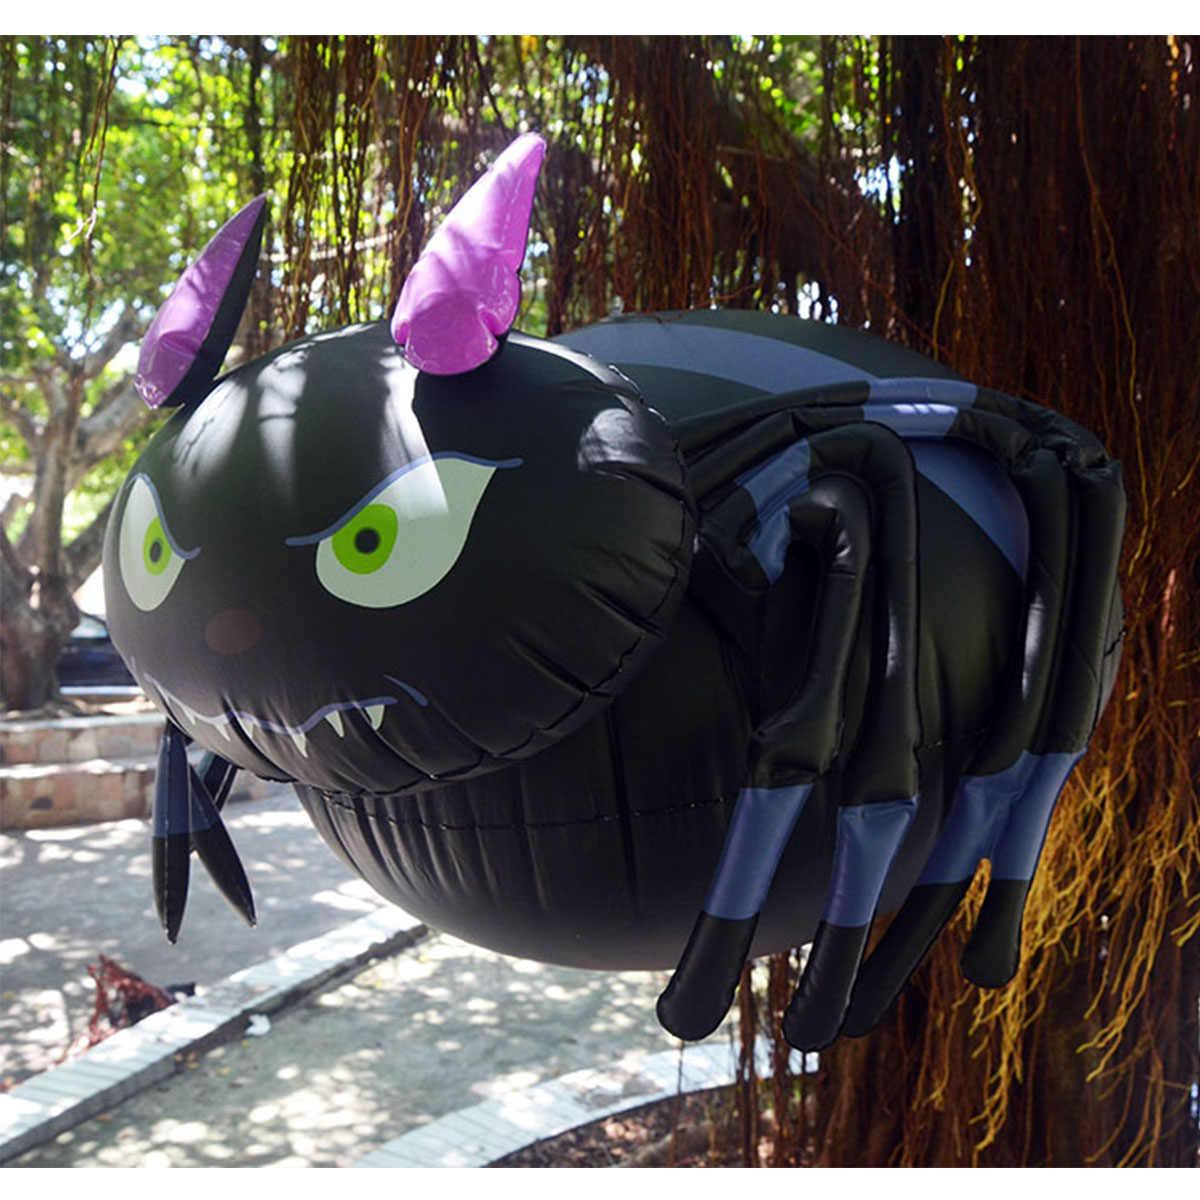 ゴーストの装飾バルーン屋外ガーデンモールバーお化け家の装飾の小道具ぶら下げハロウィンパーティー用品 3 セット